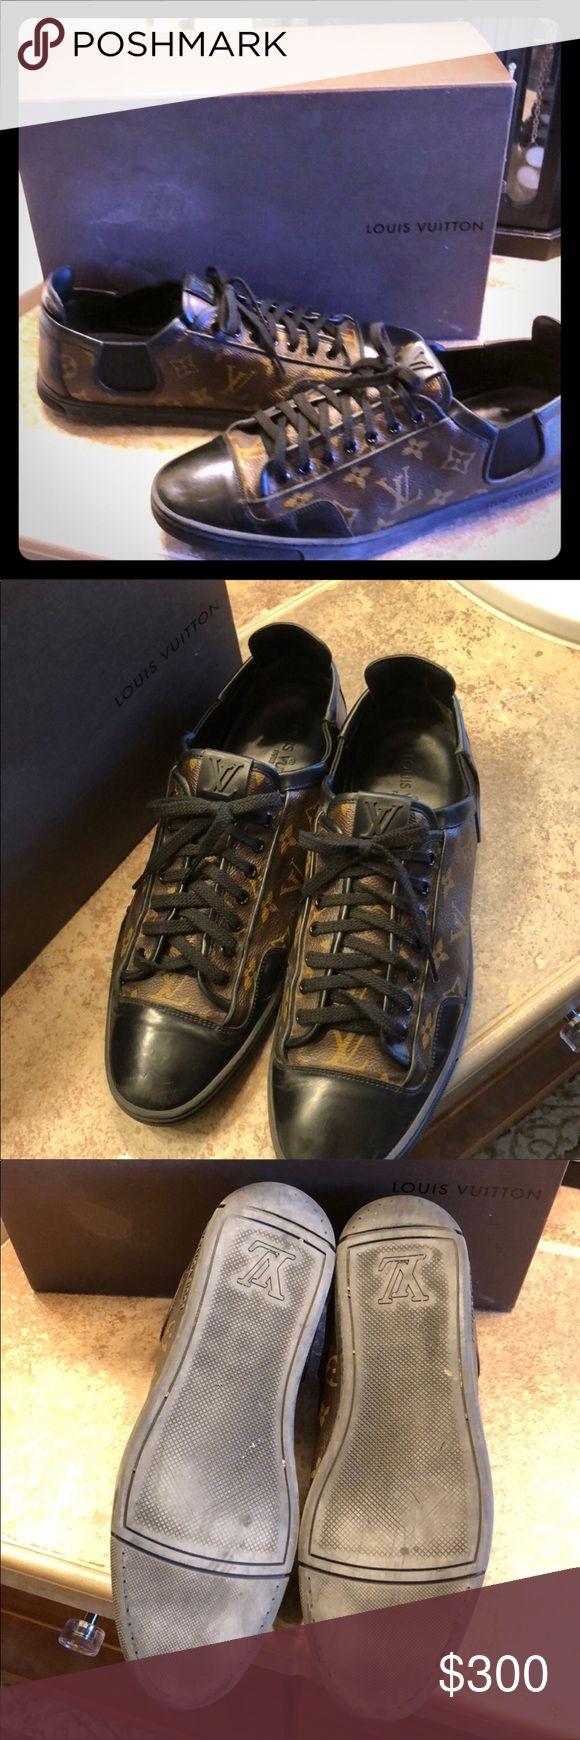 Authentic Men's Louis Vuitton Sneakers Size US11 Authentic Men's Louis Vuitton Sneakers Size US11 Louis Vuitton Euro Size 10 Fits men's US Size 11-11.5 foot Louis Vuitton Shoes Sneakers